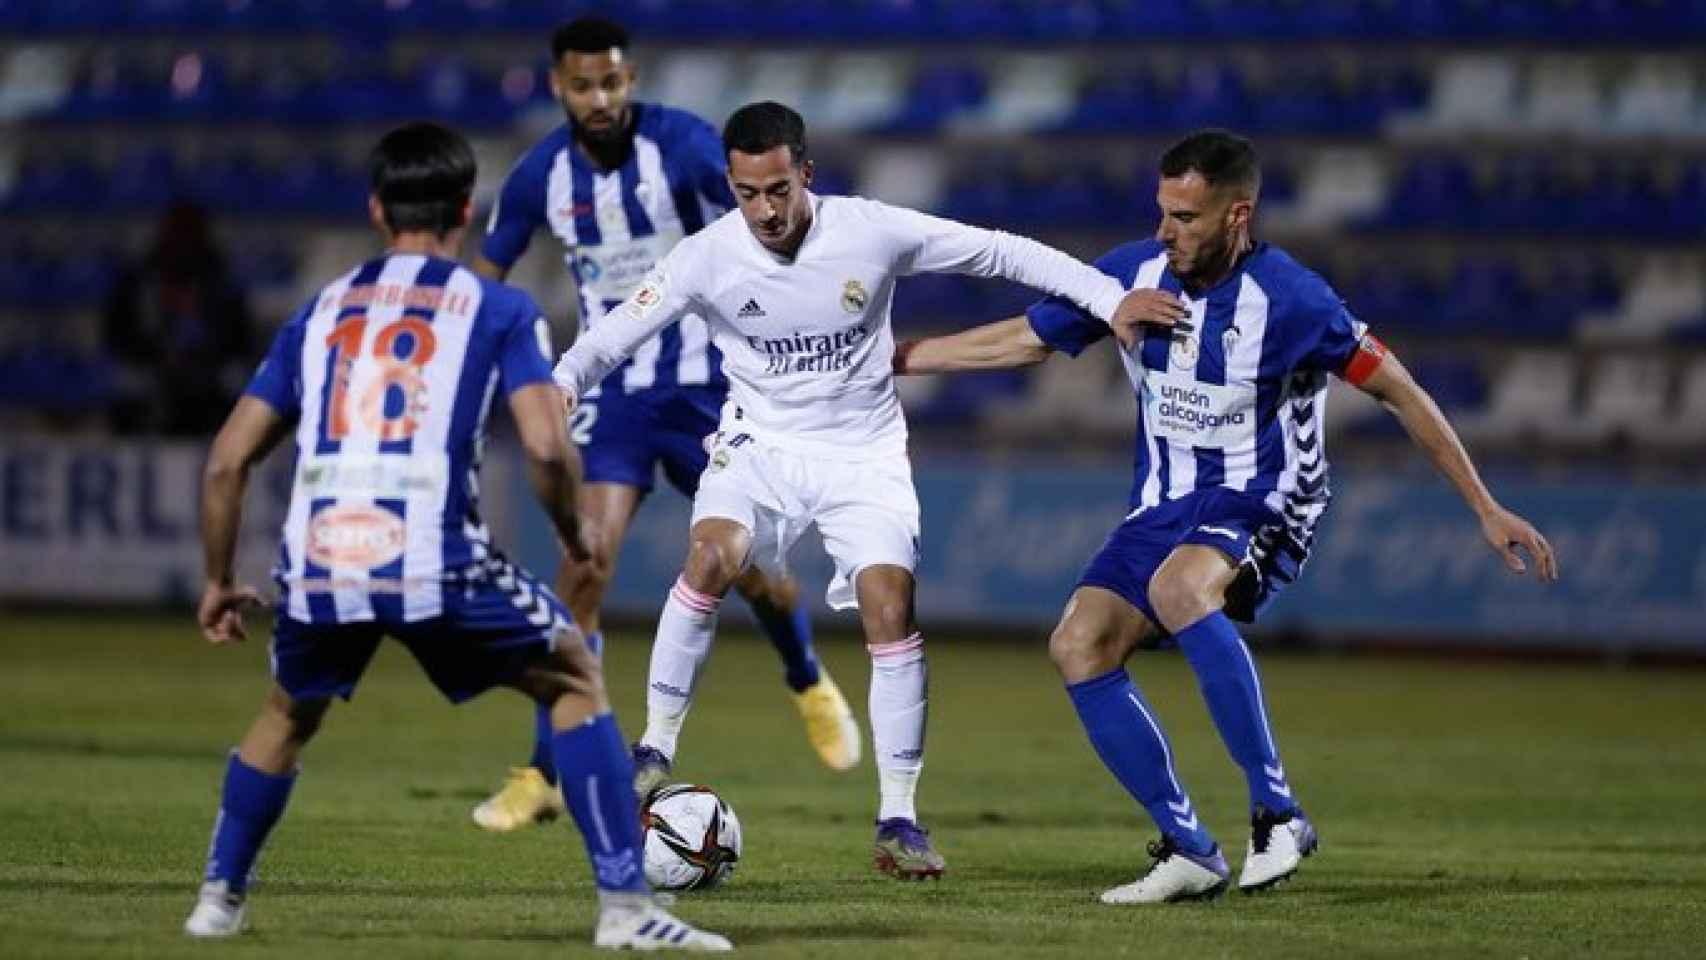 Lucas Vázquez, rodeado de jugadores del Alcoyano